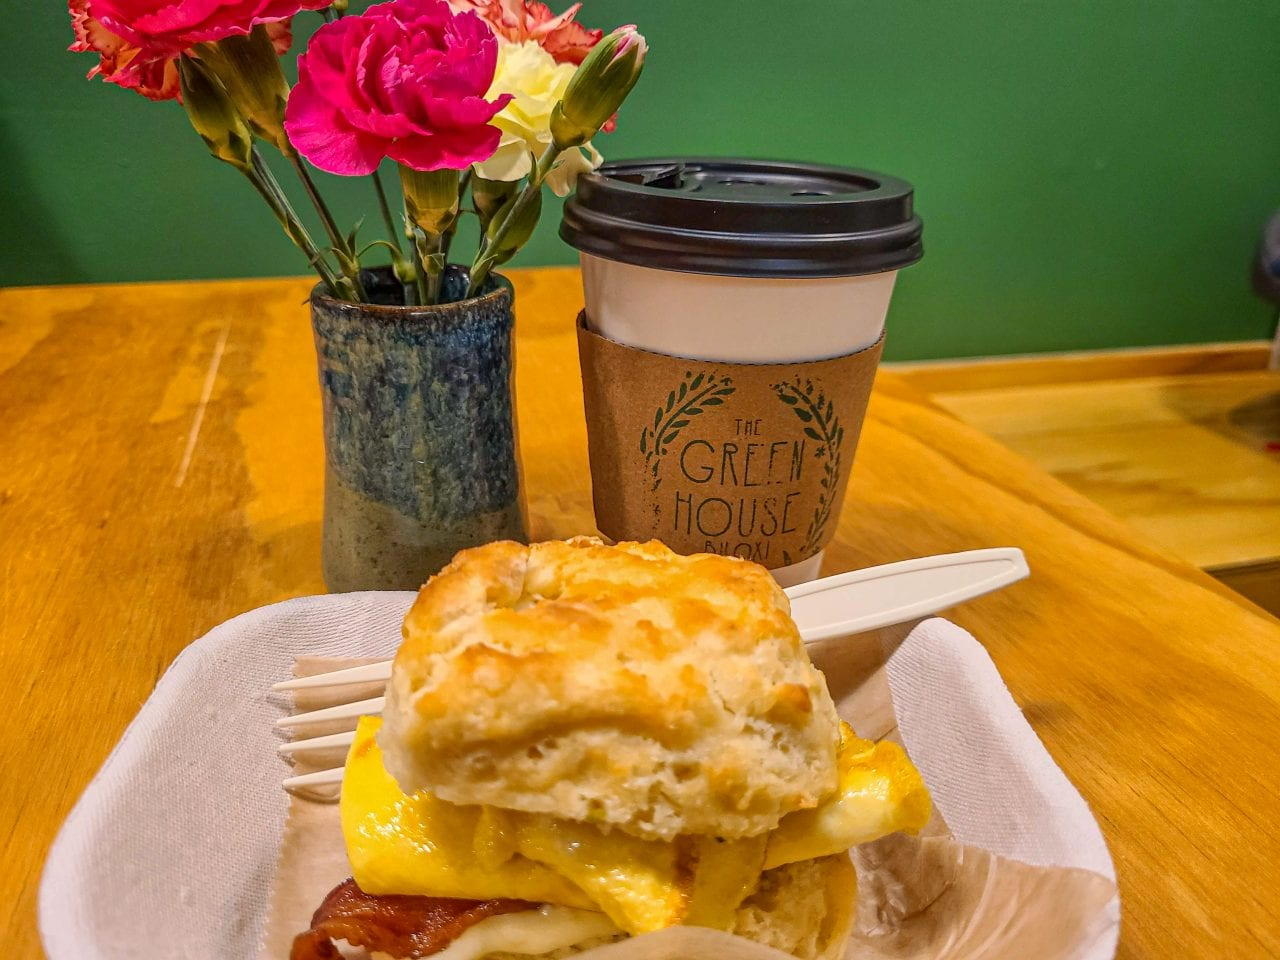 The Greenhouse Biloxi Breakfast Sandwich